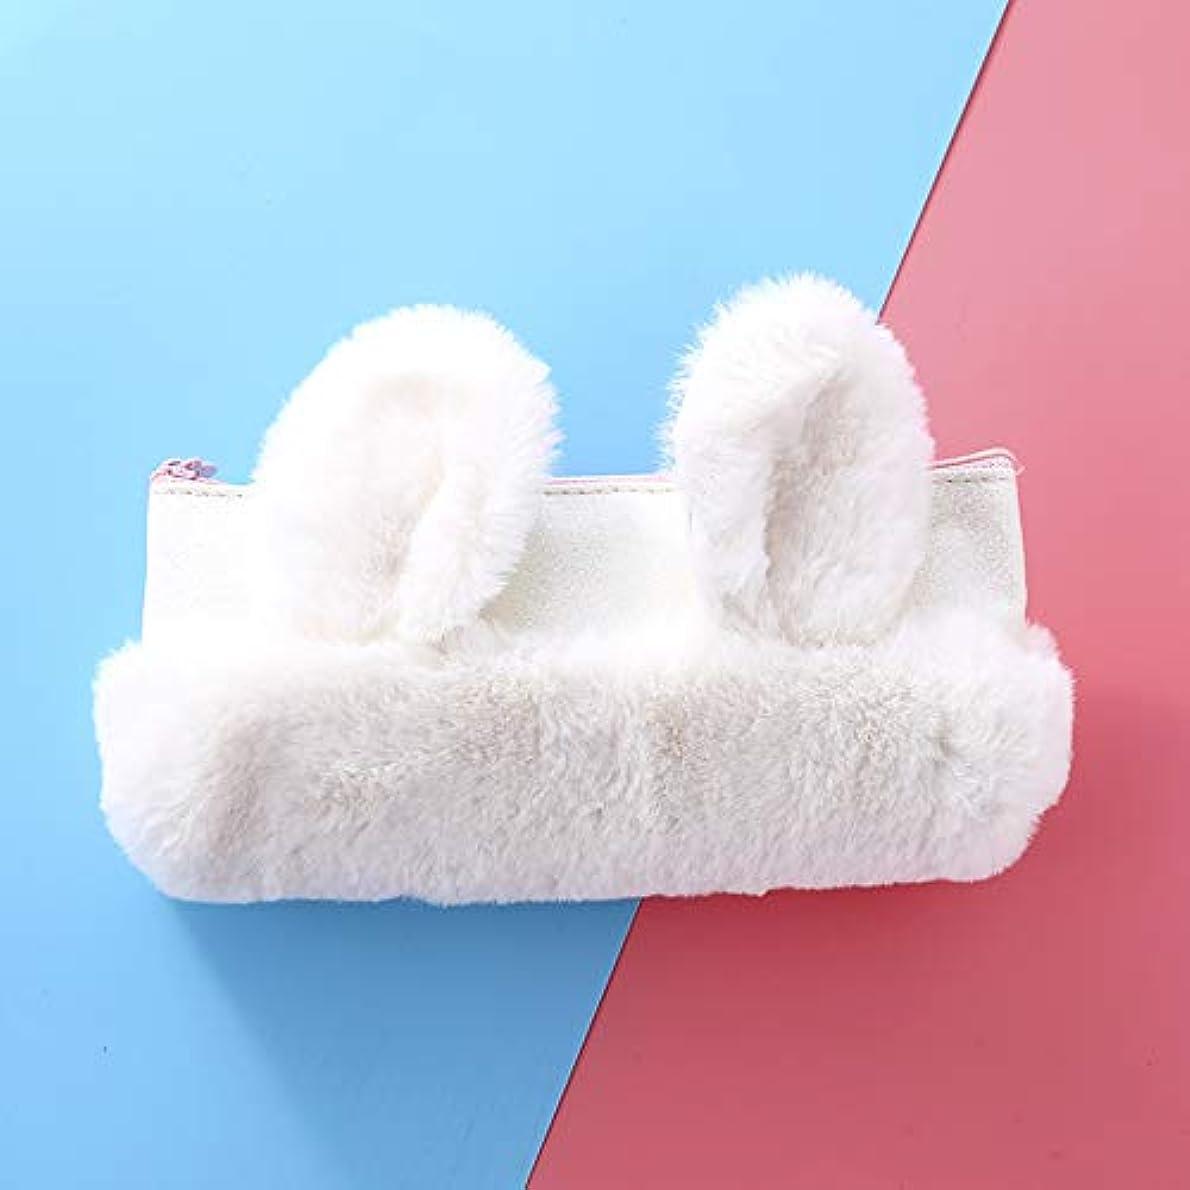 広範囲にどのくらいの頻度で降ろすDBMART ウサギの収納袋 筆袋 小物ケース カードケース 汎用ポーチ 化粧ポーチ ファスナー キラキラ 可愛い長耳 ふわふわ コンパクト 小型 軽量 出張?旅行向け 旅行用ポーチ アクセサリーケース 大容量 収納力抜群 (ホワイト)